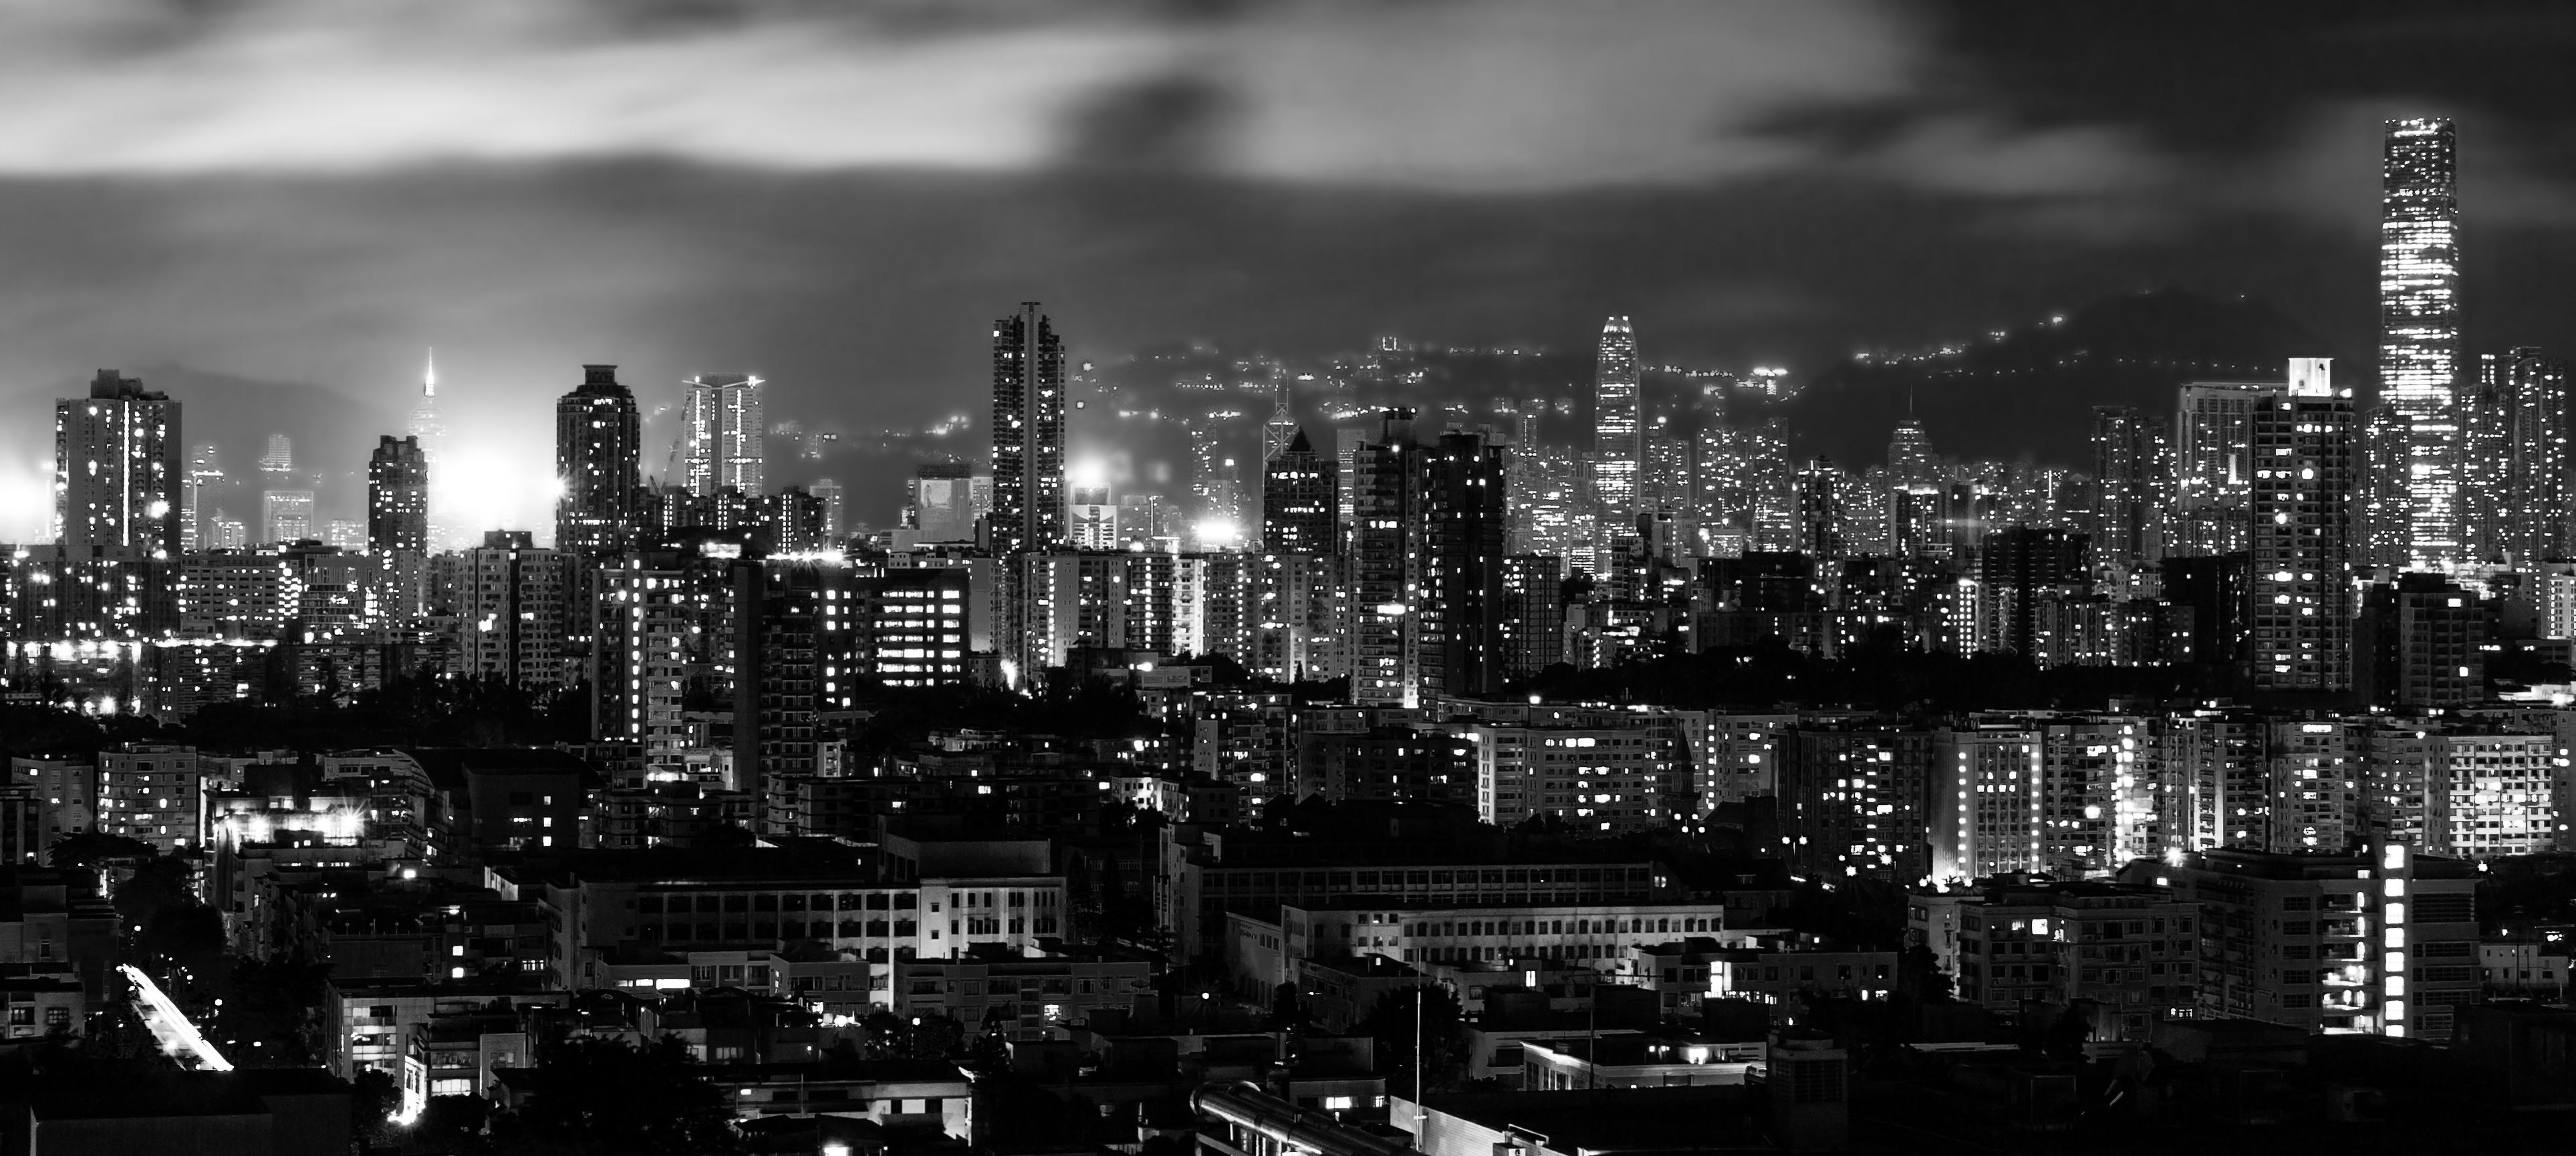 File:Hong Kong at night B&W.jpg - Wikimedia Commons